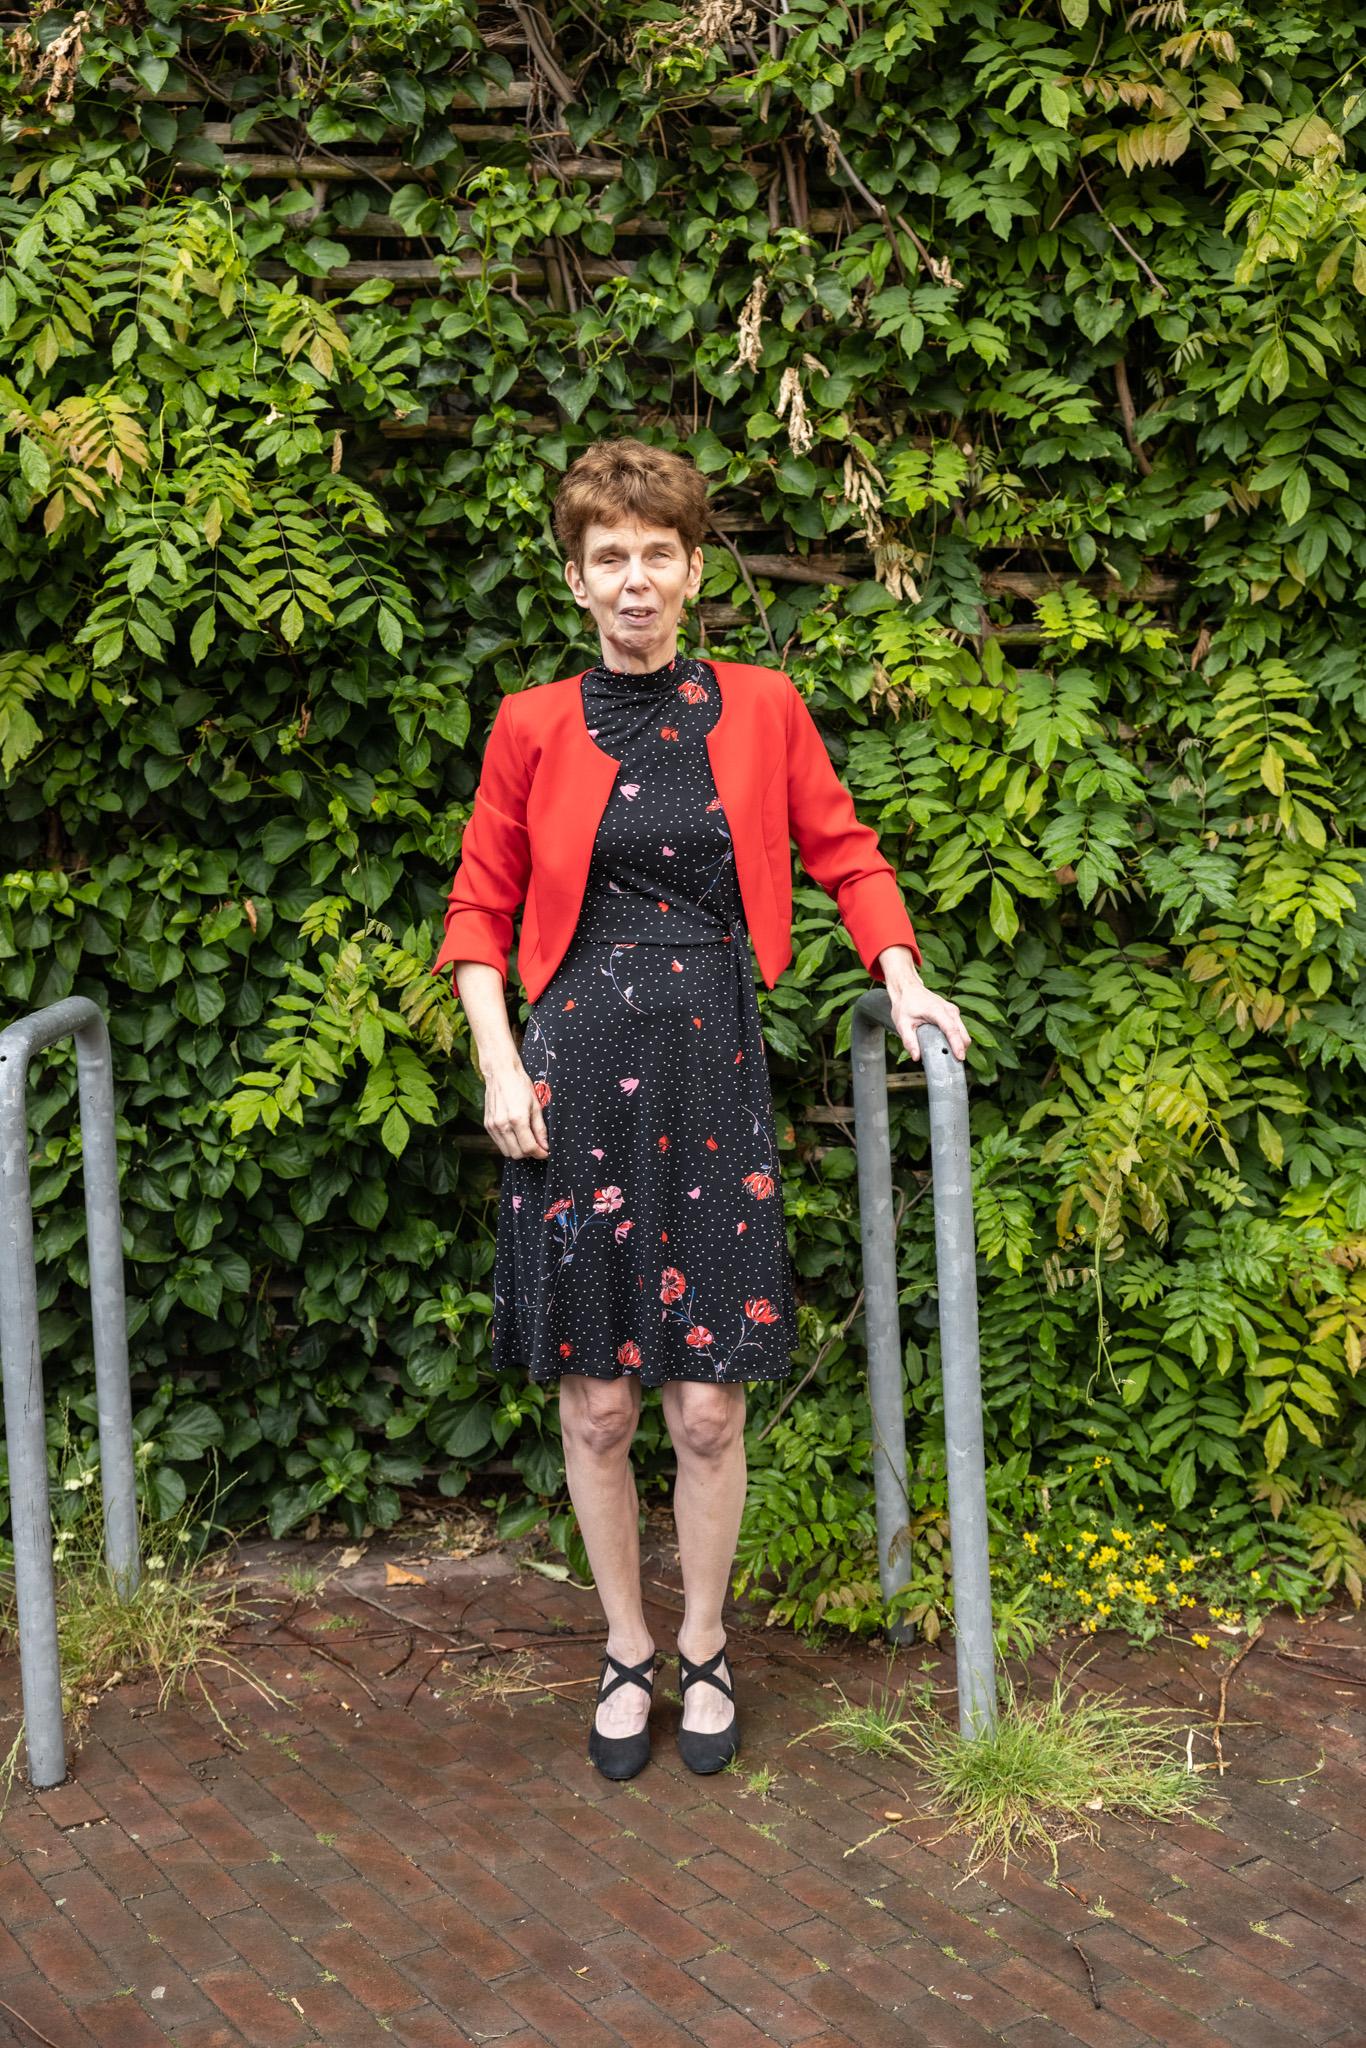 Onze directeur Aline Molenaar